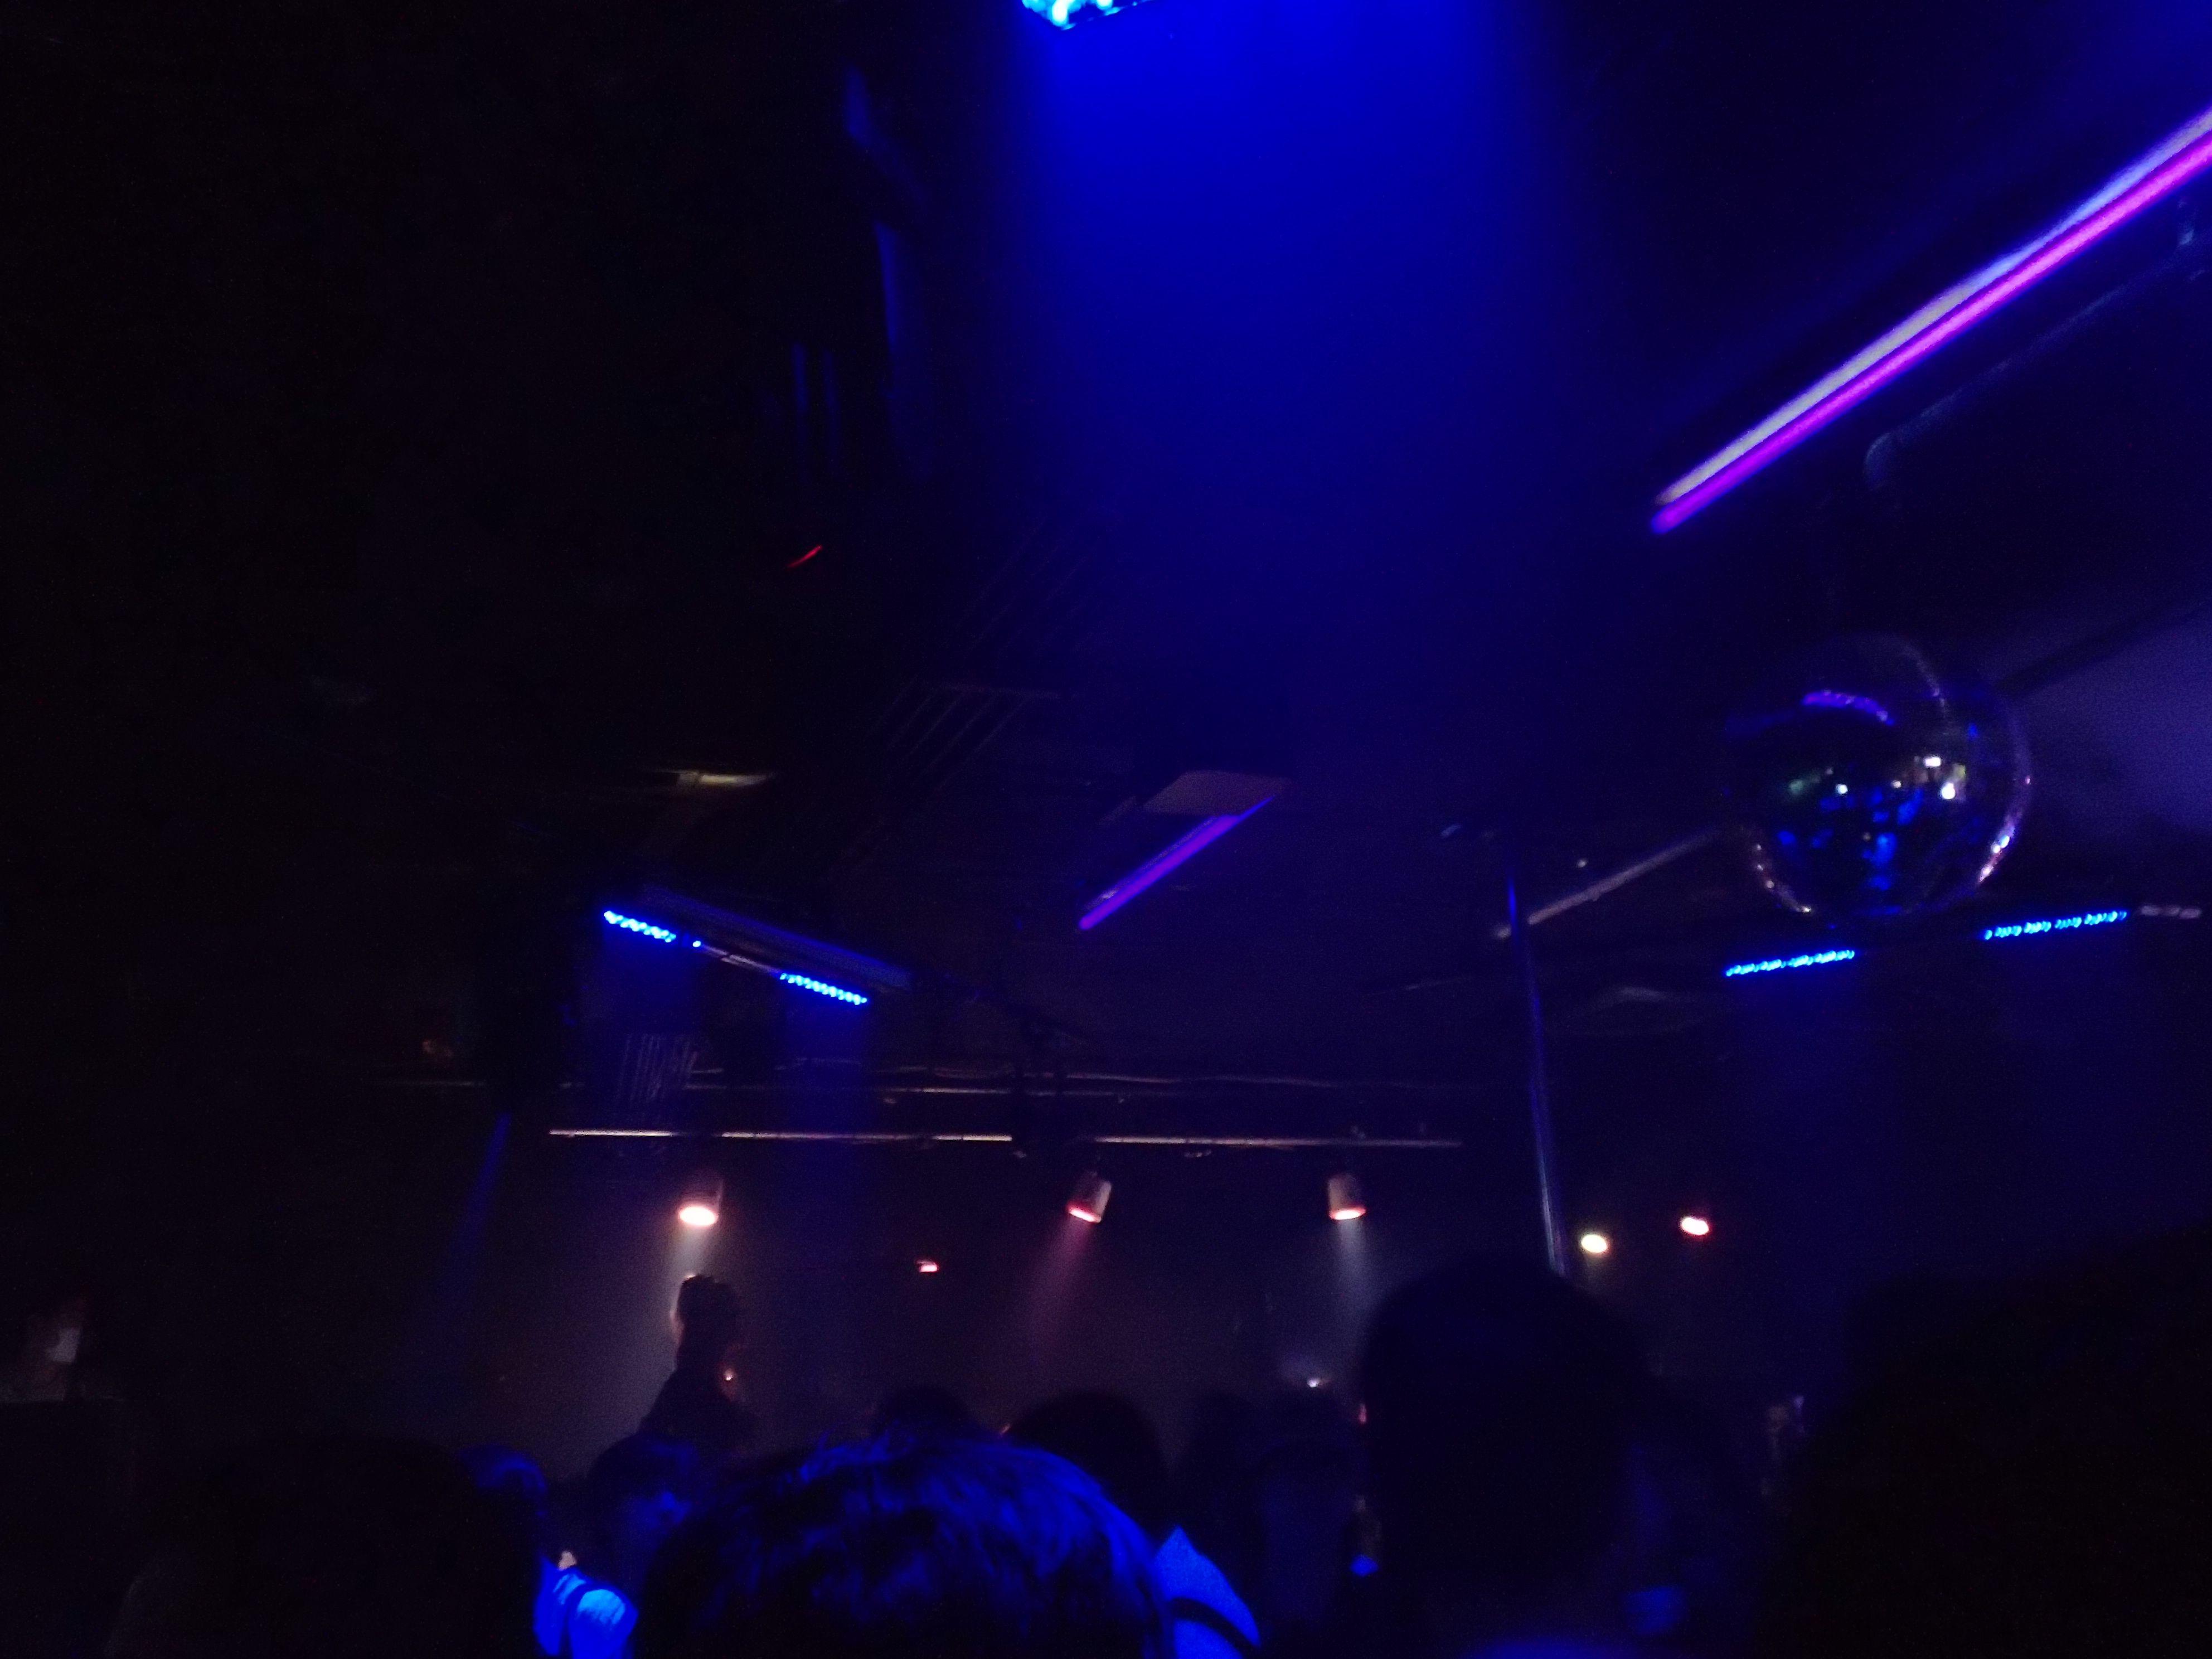 フェチフェス910(ナイト)@新宿歌舞伎町 club axxcis SHINJUKU